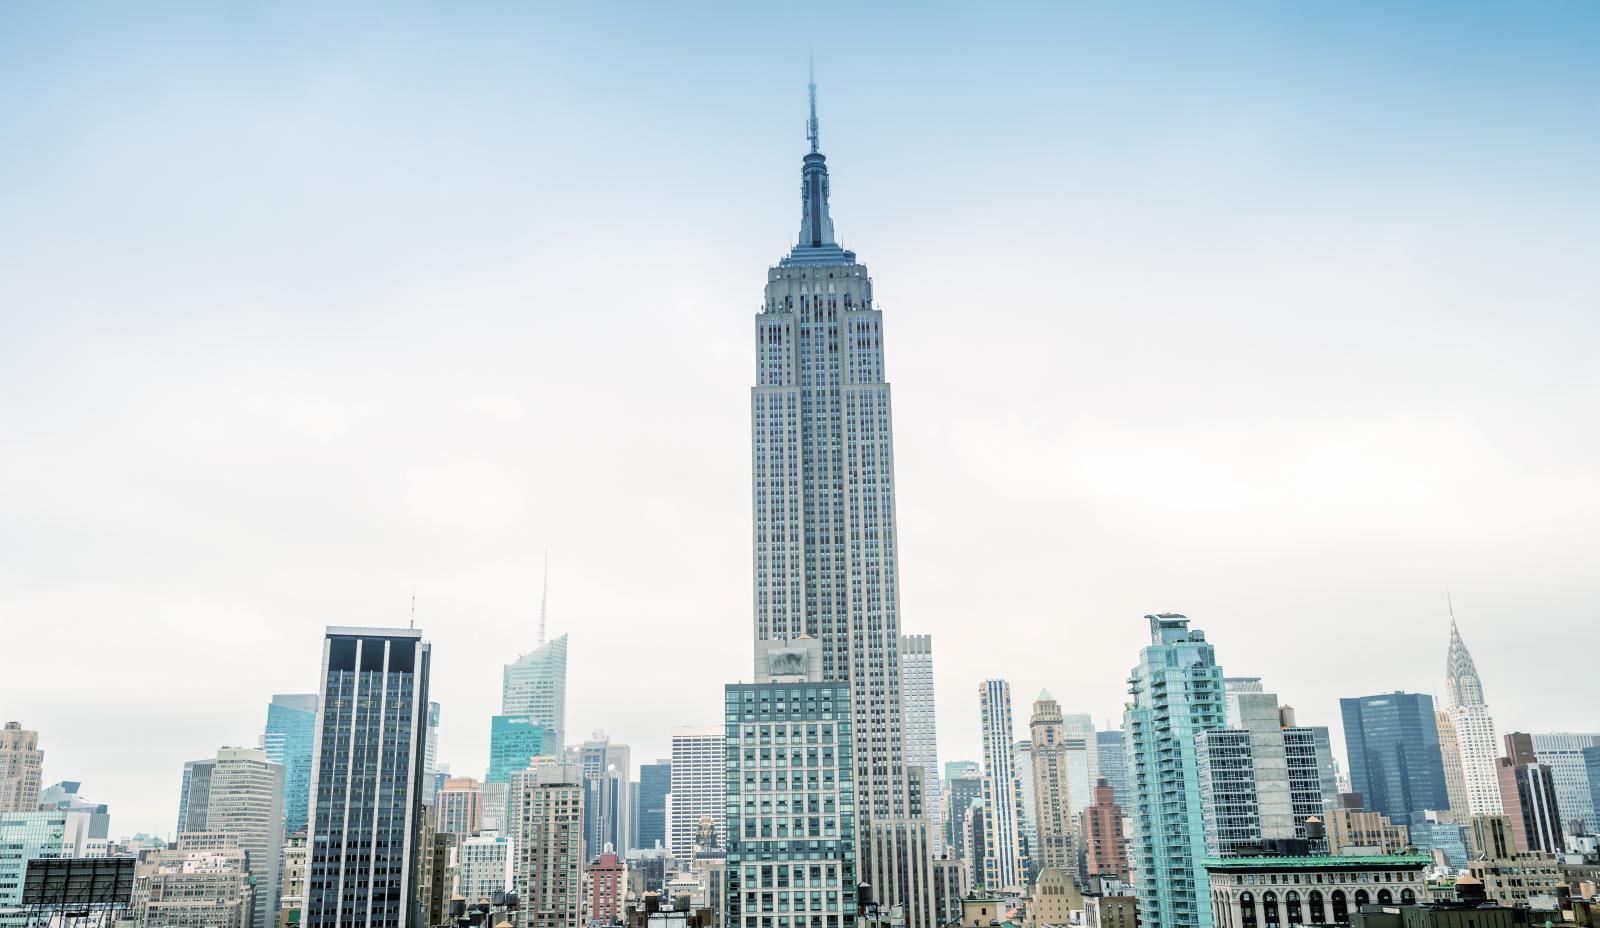 El Edificio Empire State en el Midtown de Nueva York